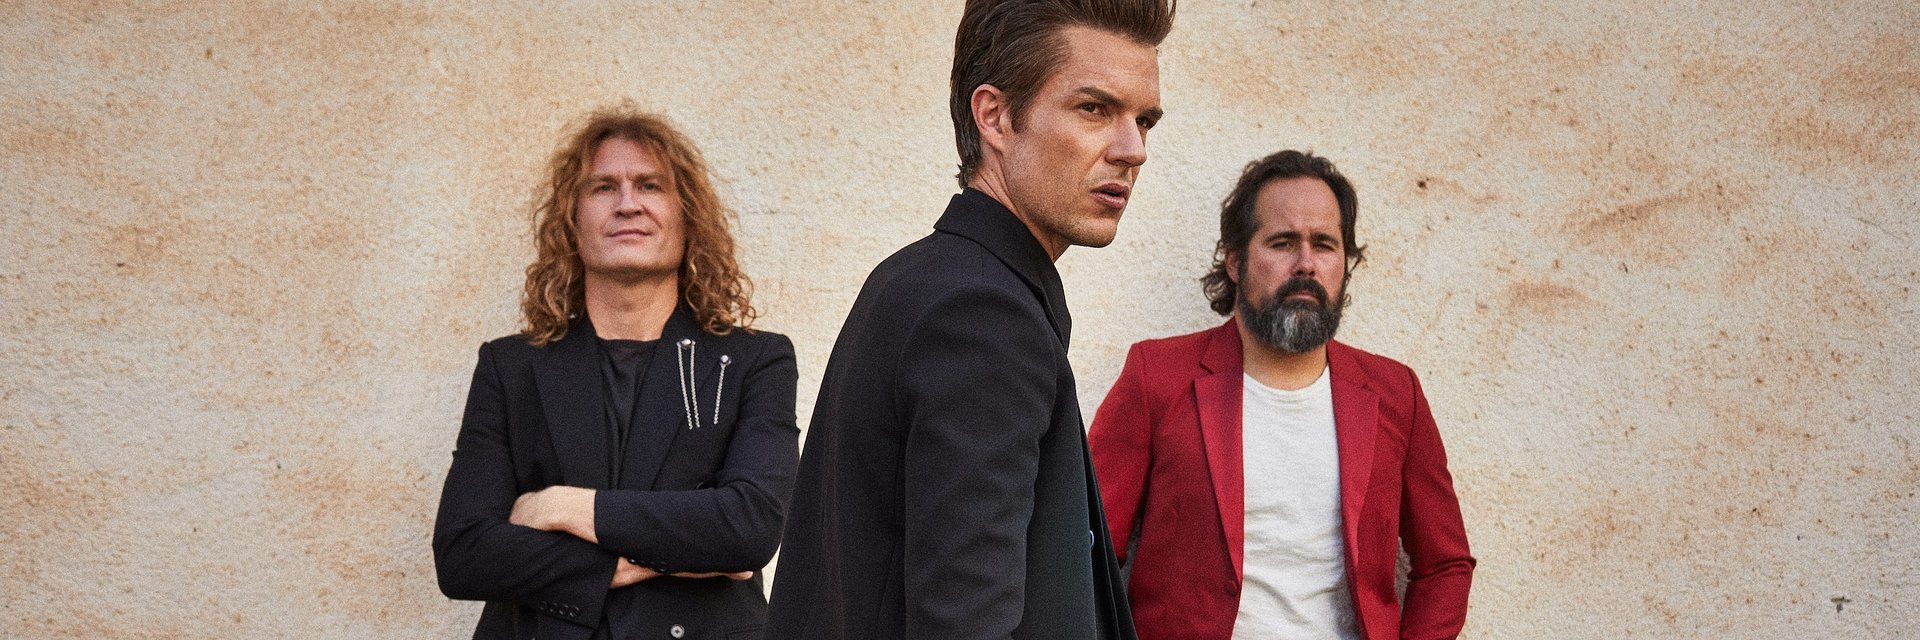 The Killers z siódmym #1 na listach sprzedaży